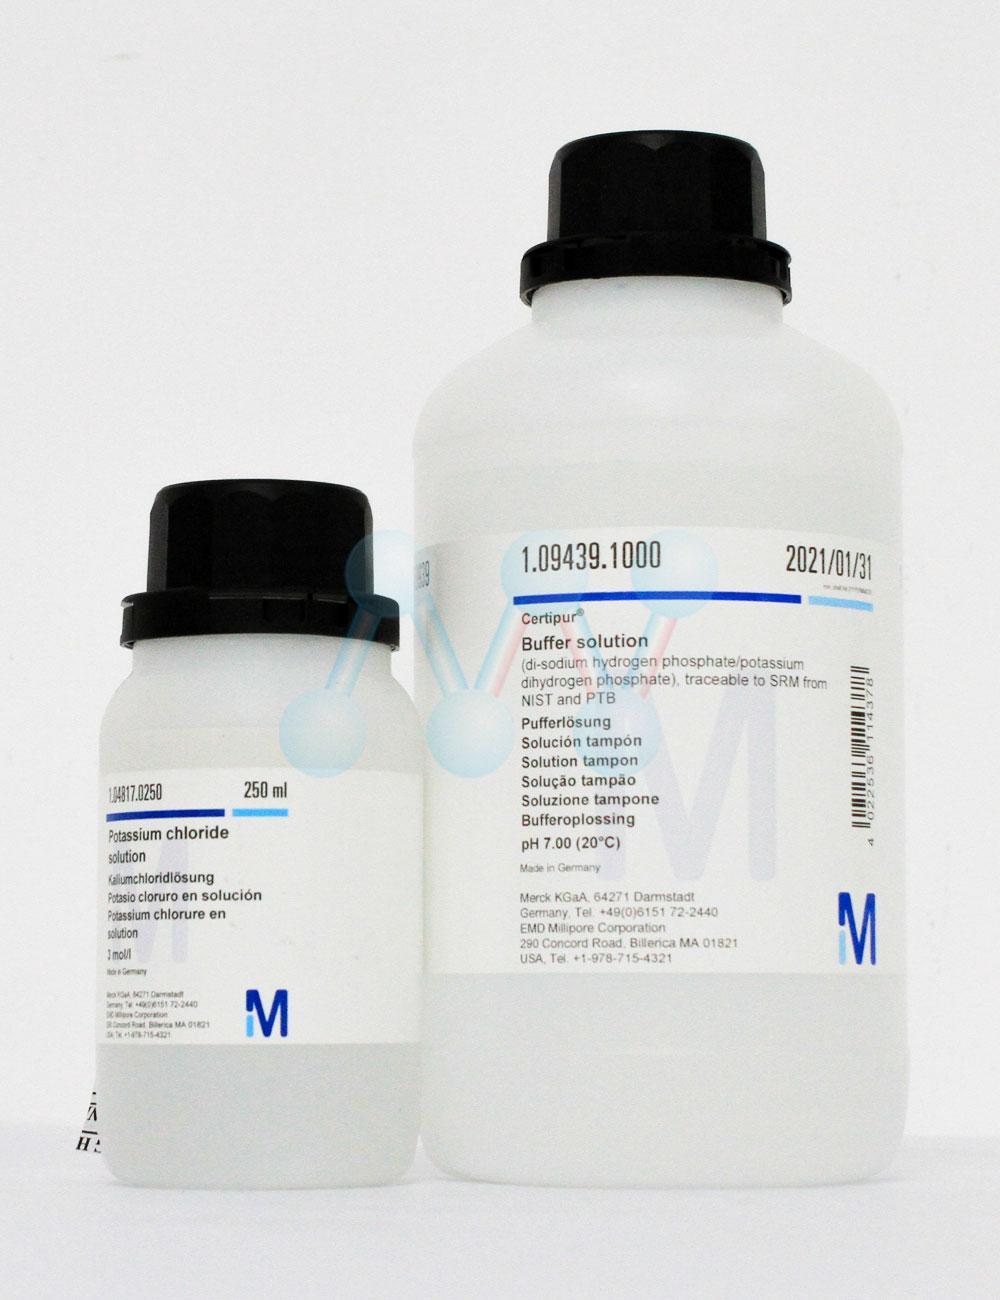 DD chuẩn Molybdenum (Molybdenum Standard)